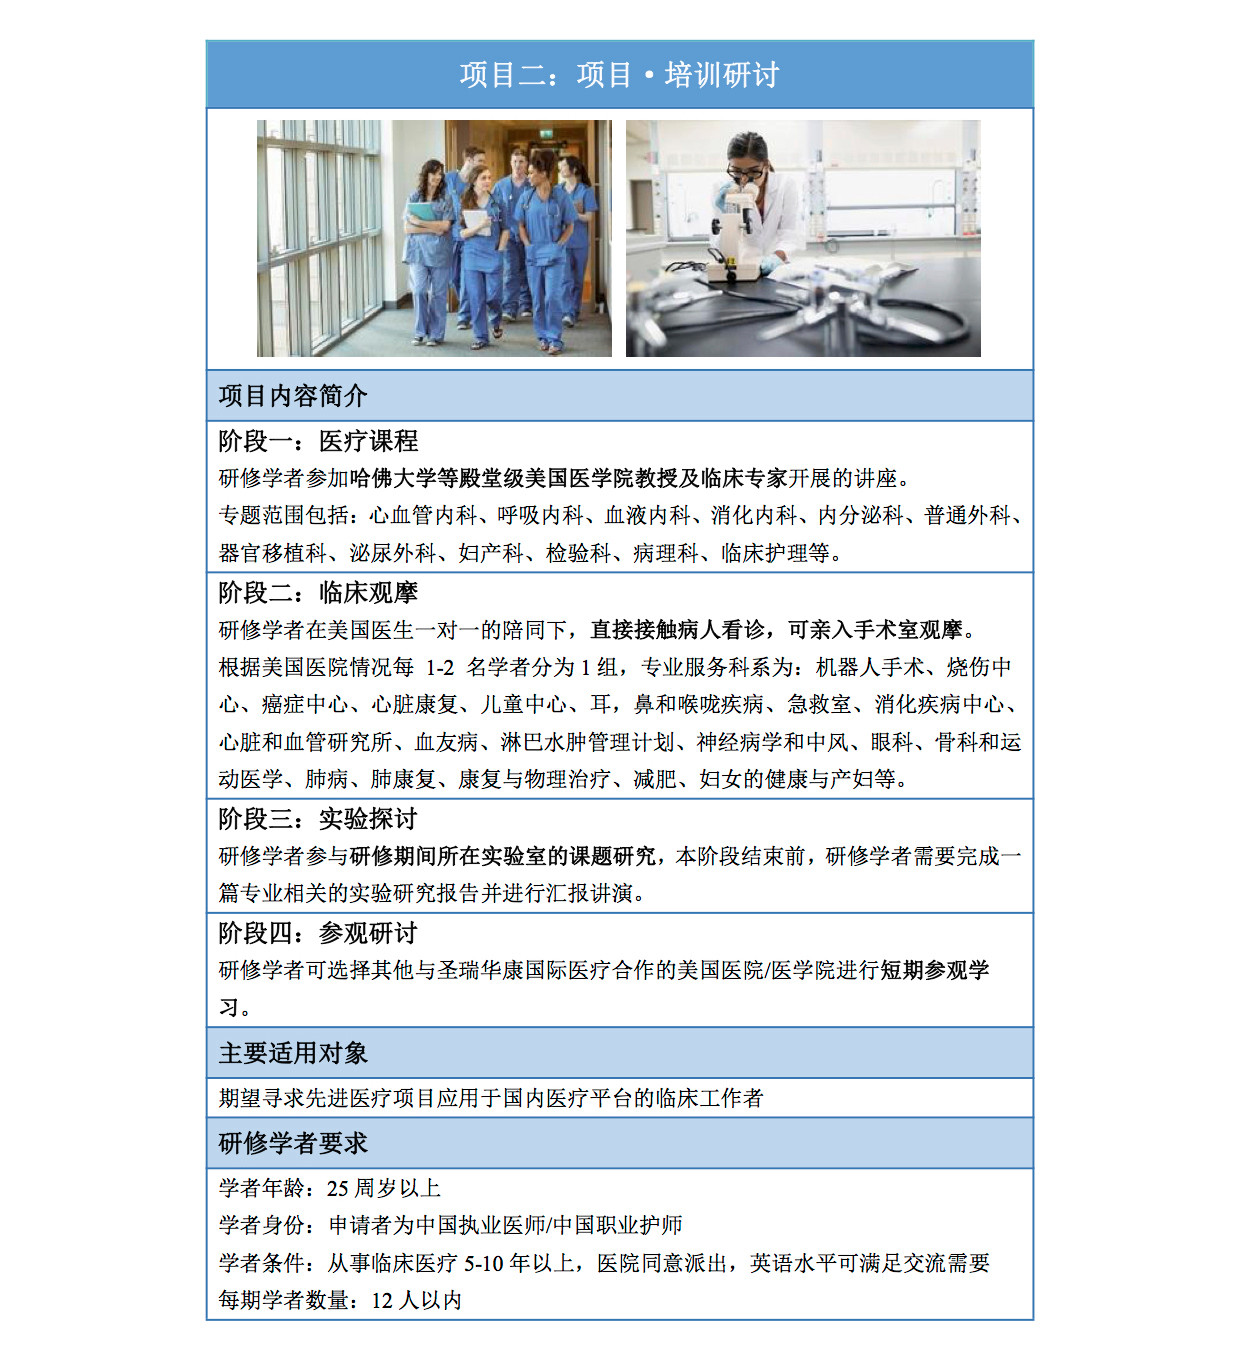 健康咨询 健康管理 海外医疗